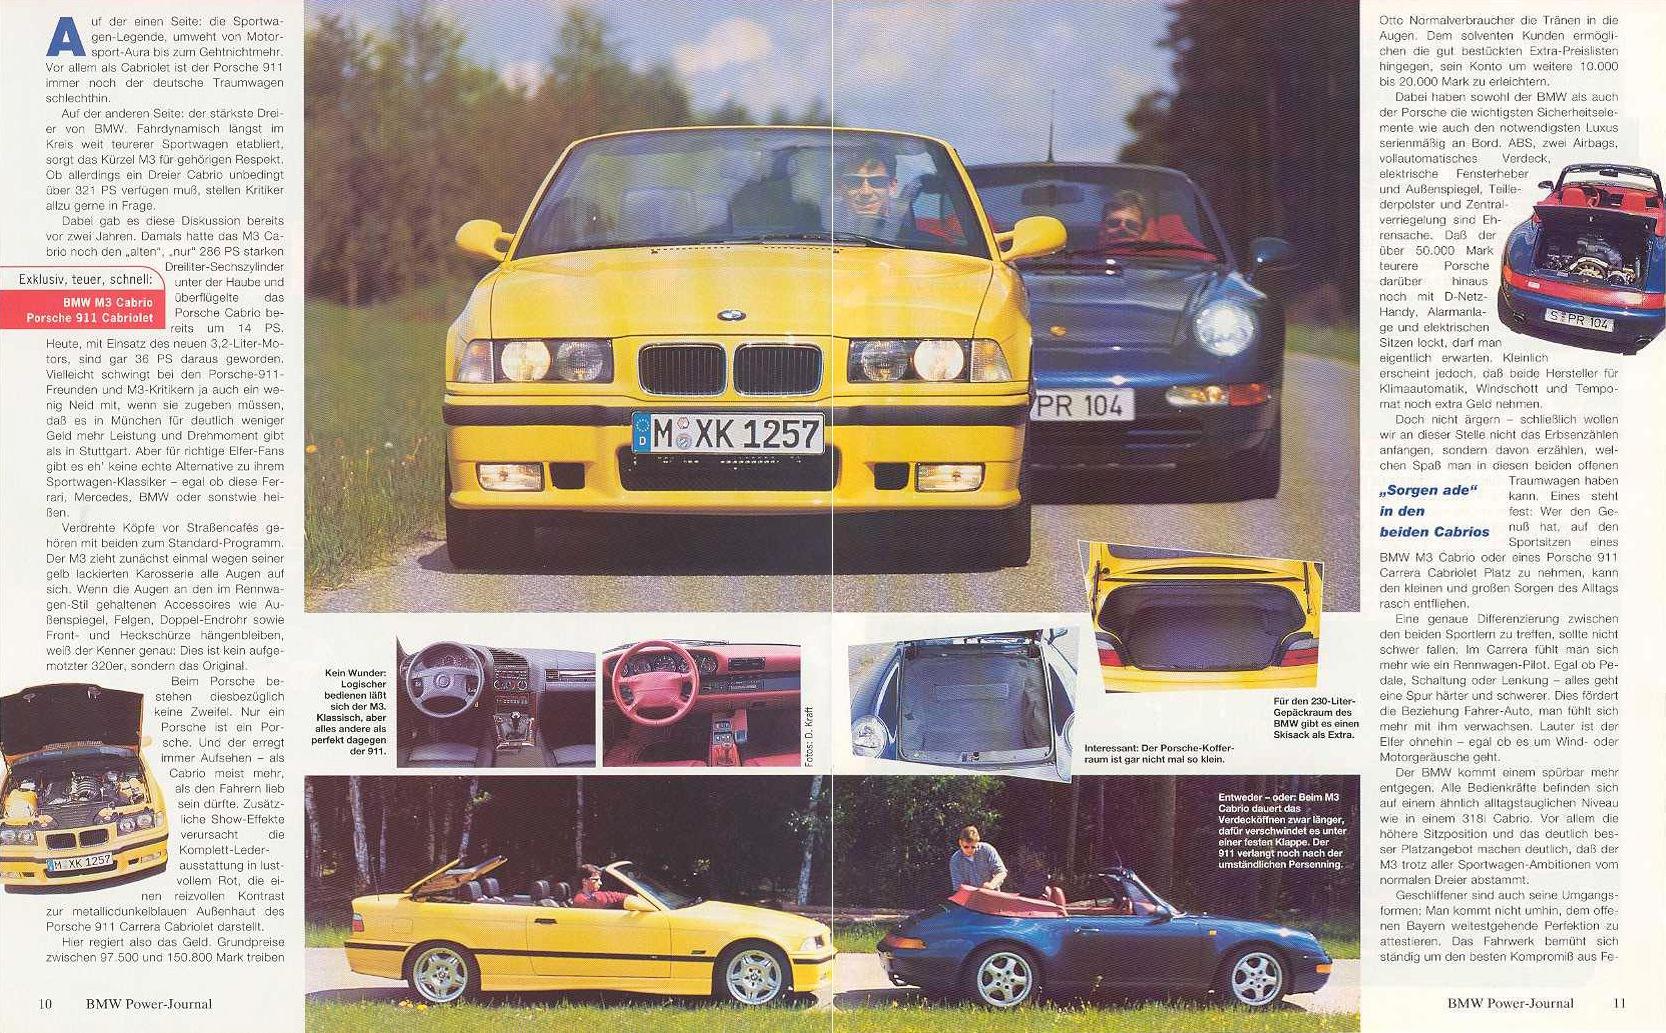 E36 M3 Cabrio Vs 993 Carrera Cabriolet перевод Bmw Power Journal